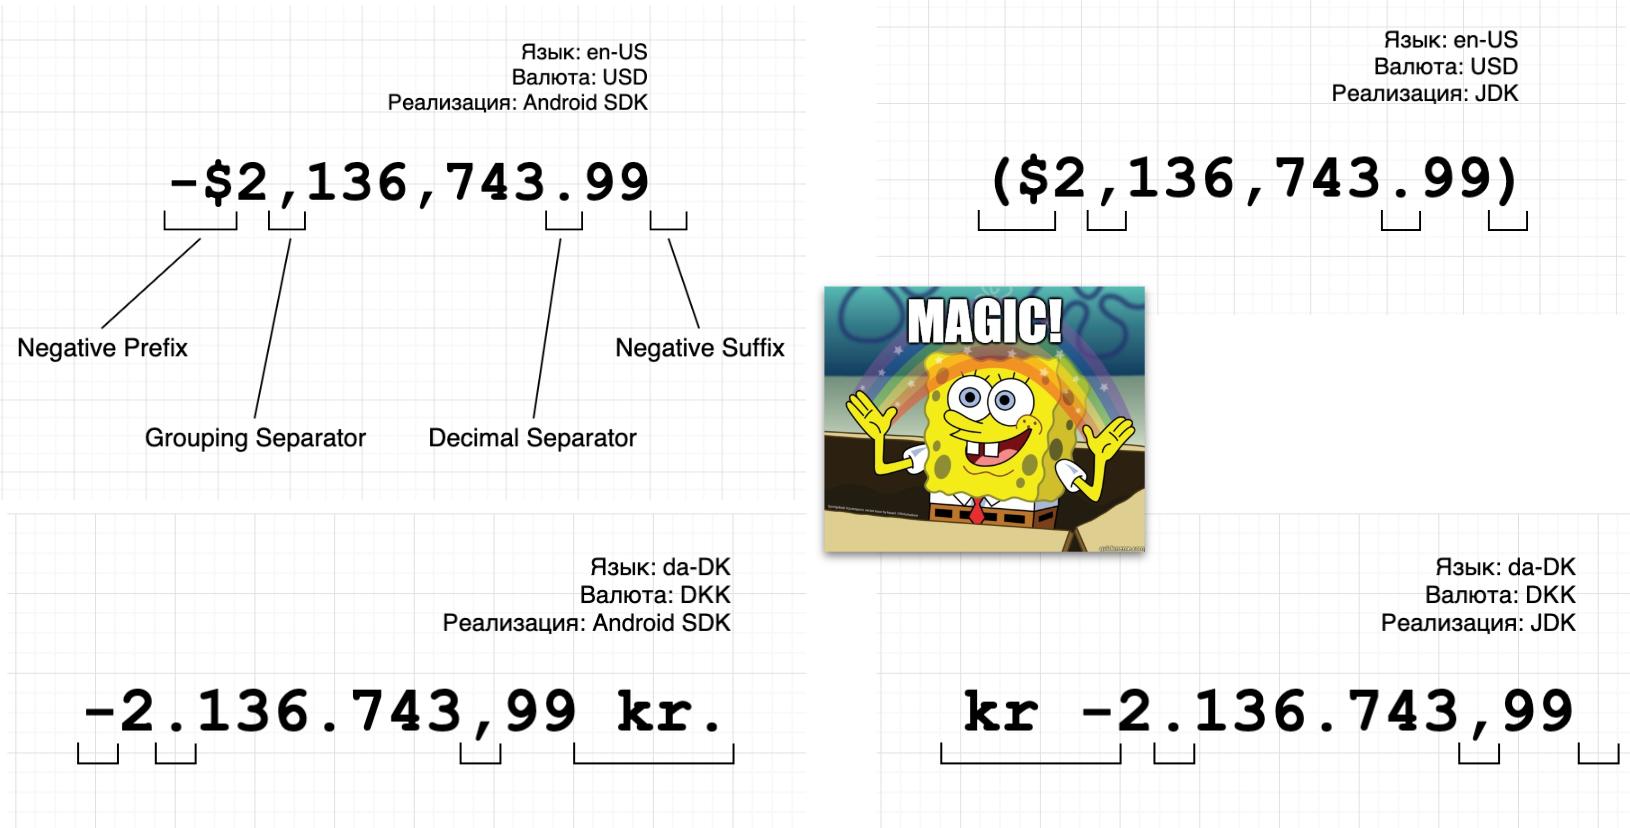 Примеры разного форматирования в Android и JDK.